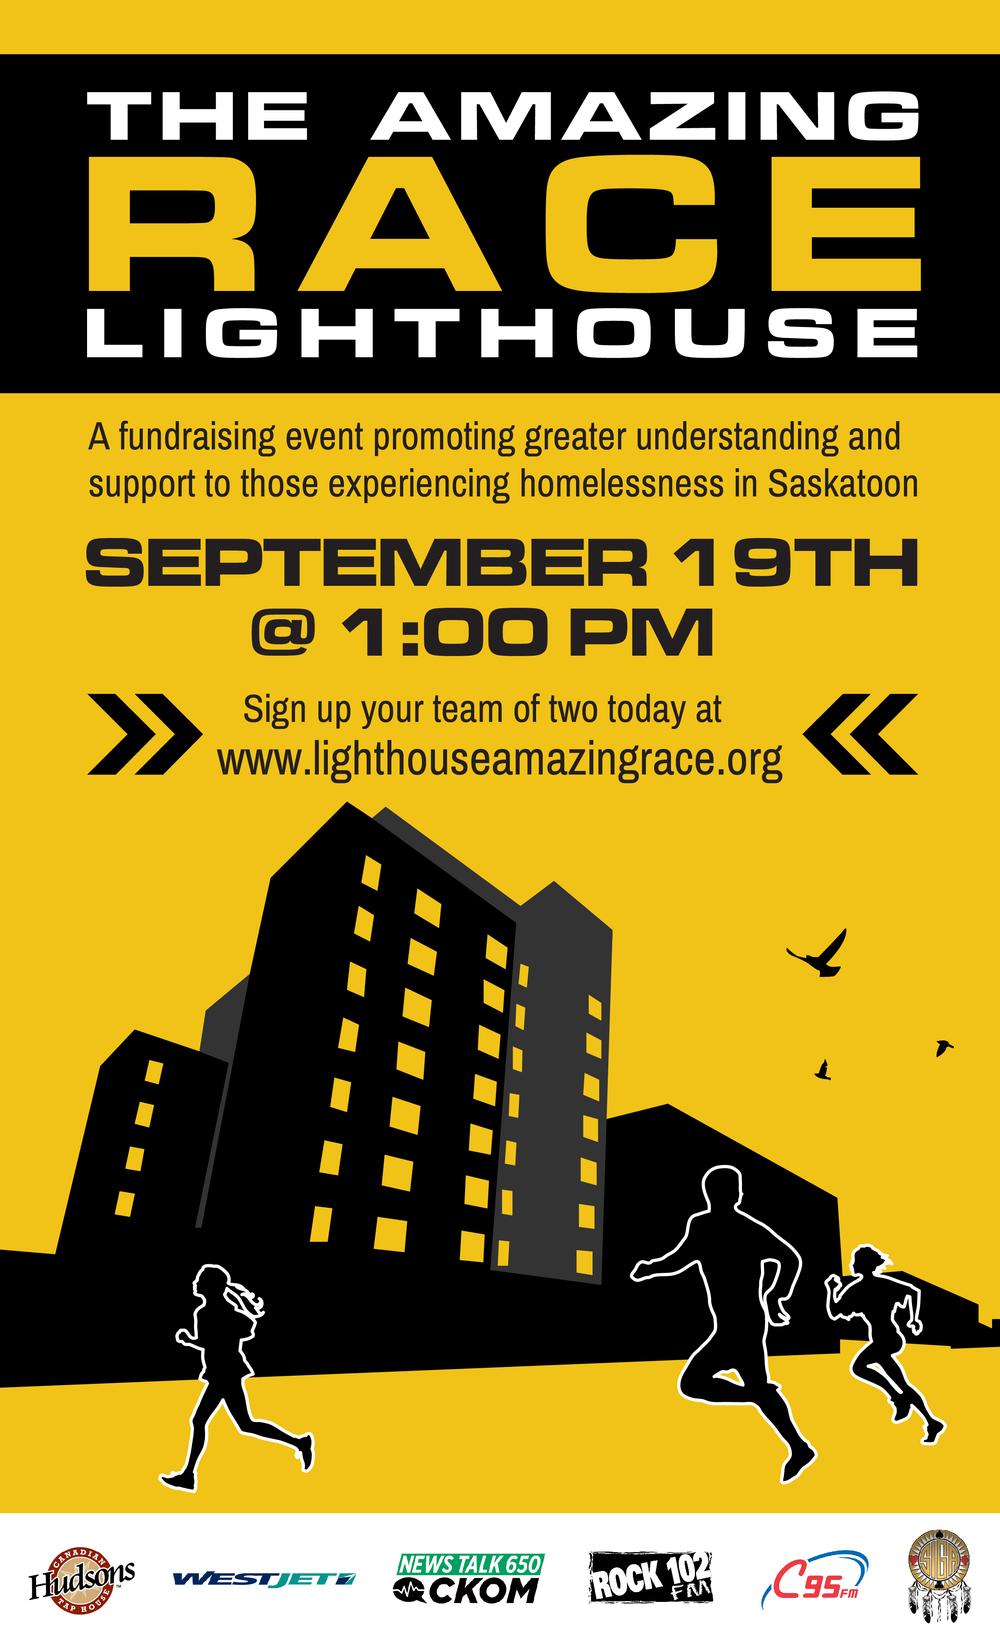 The Lighthouse Amazing Race